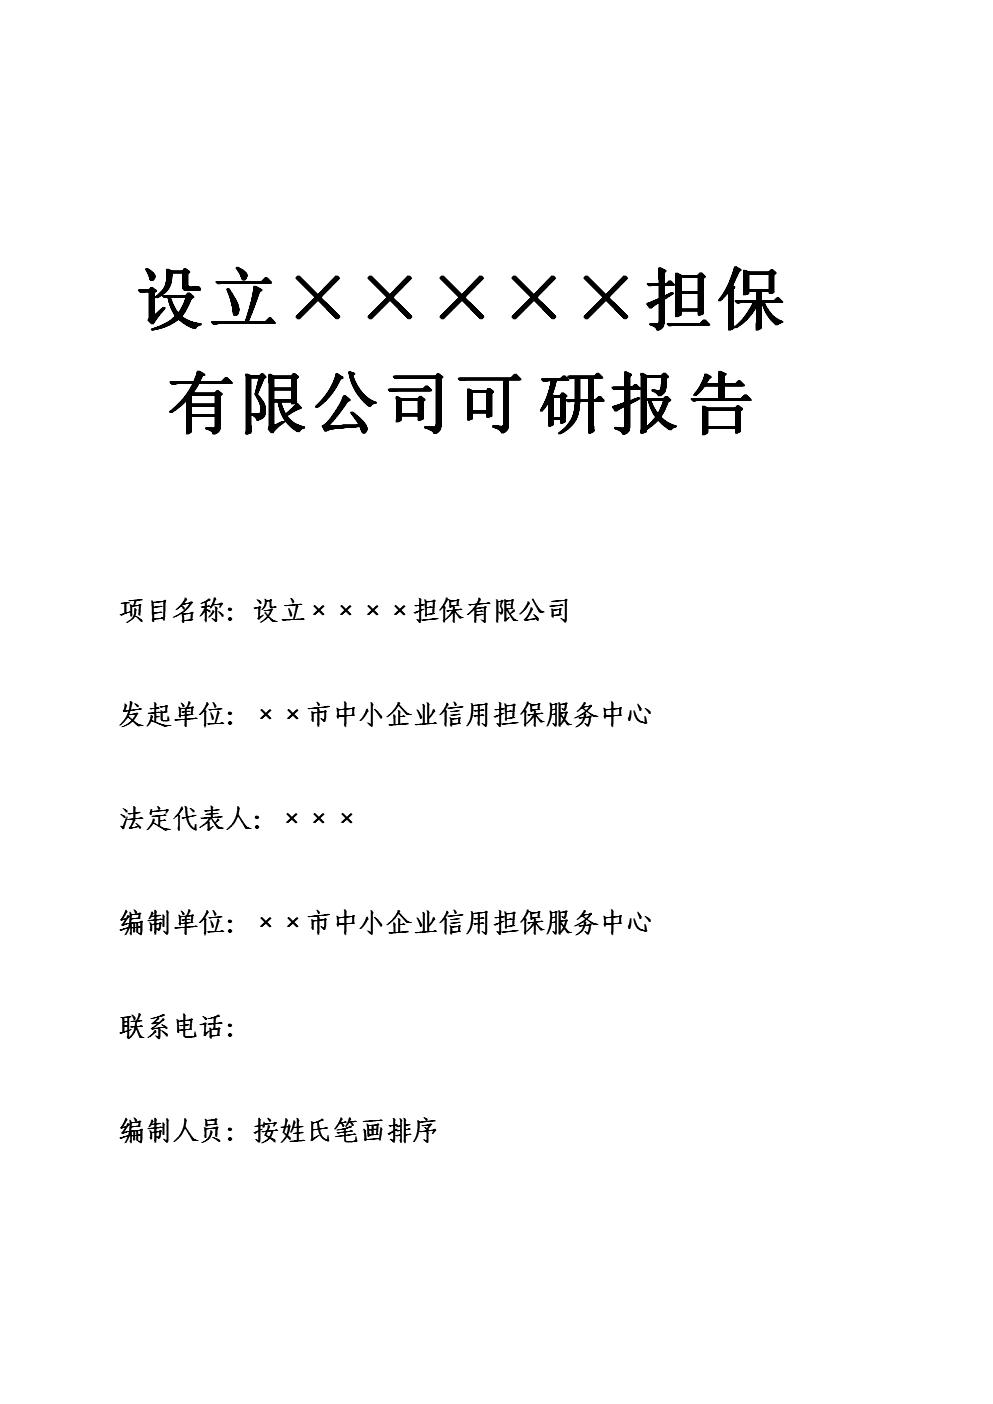 设立×××××担保有限公司可研总结报告.doc